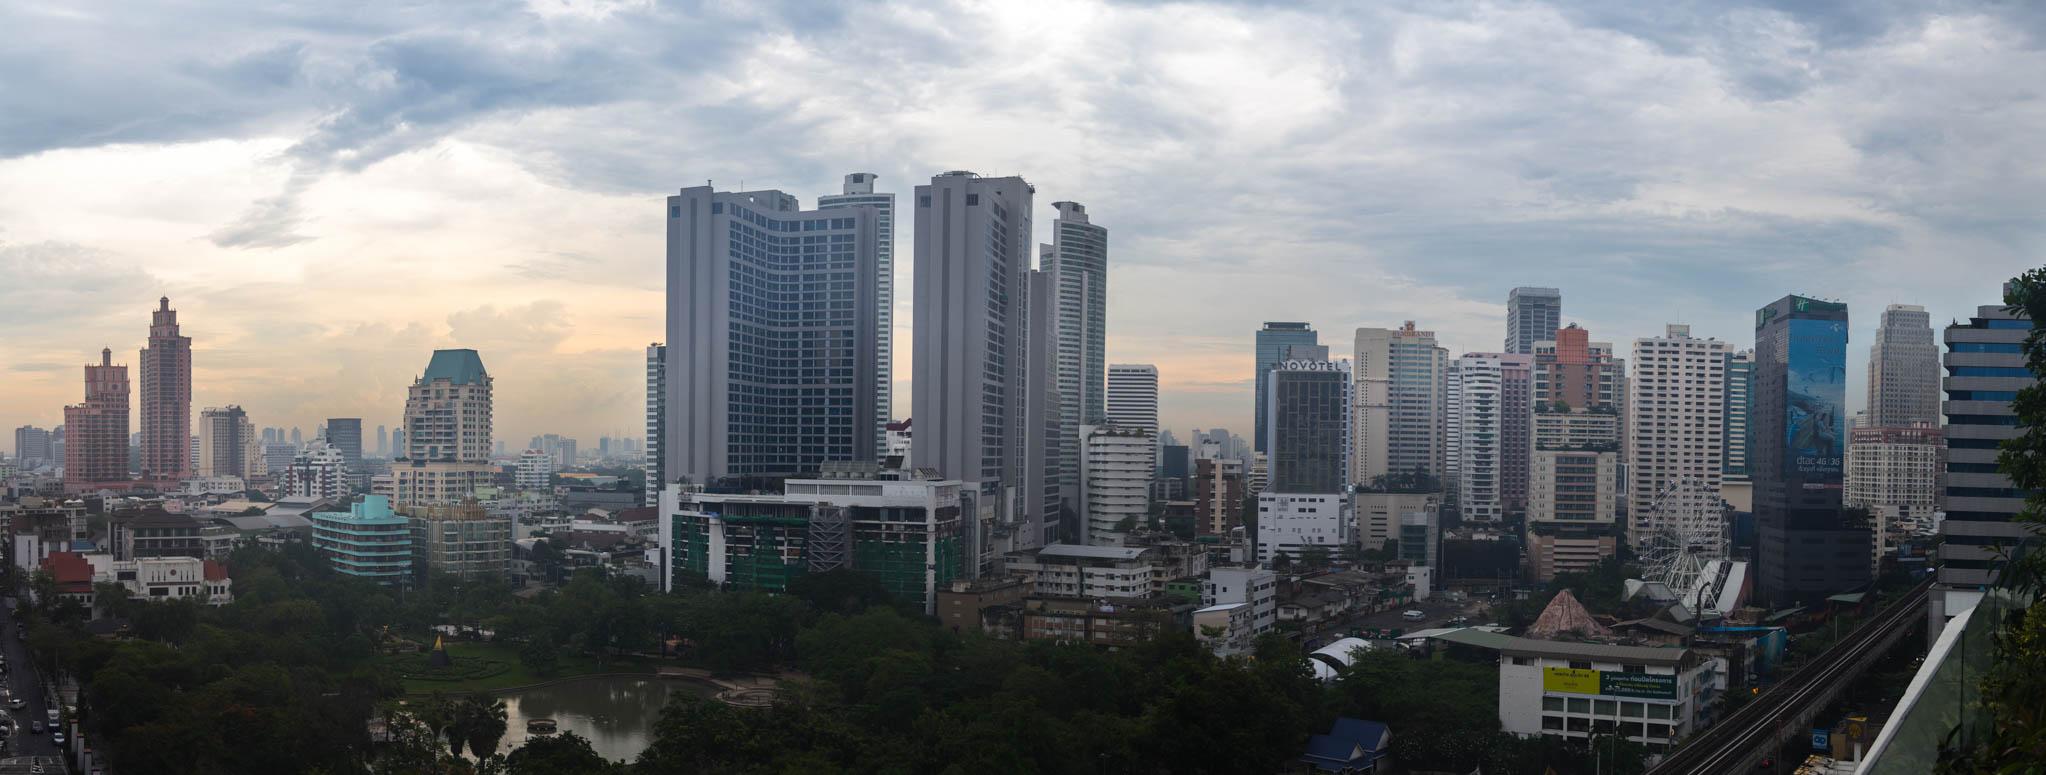 Skyline Bangkoks